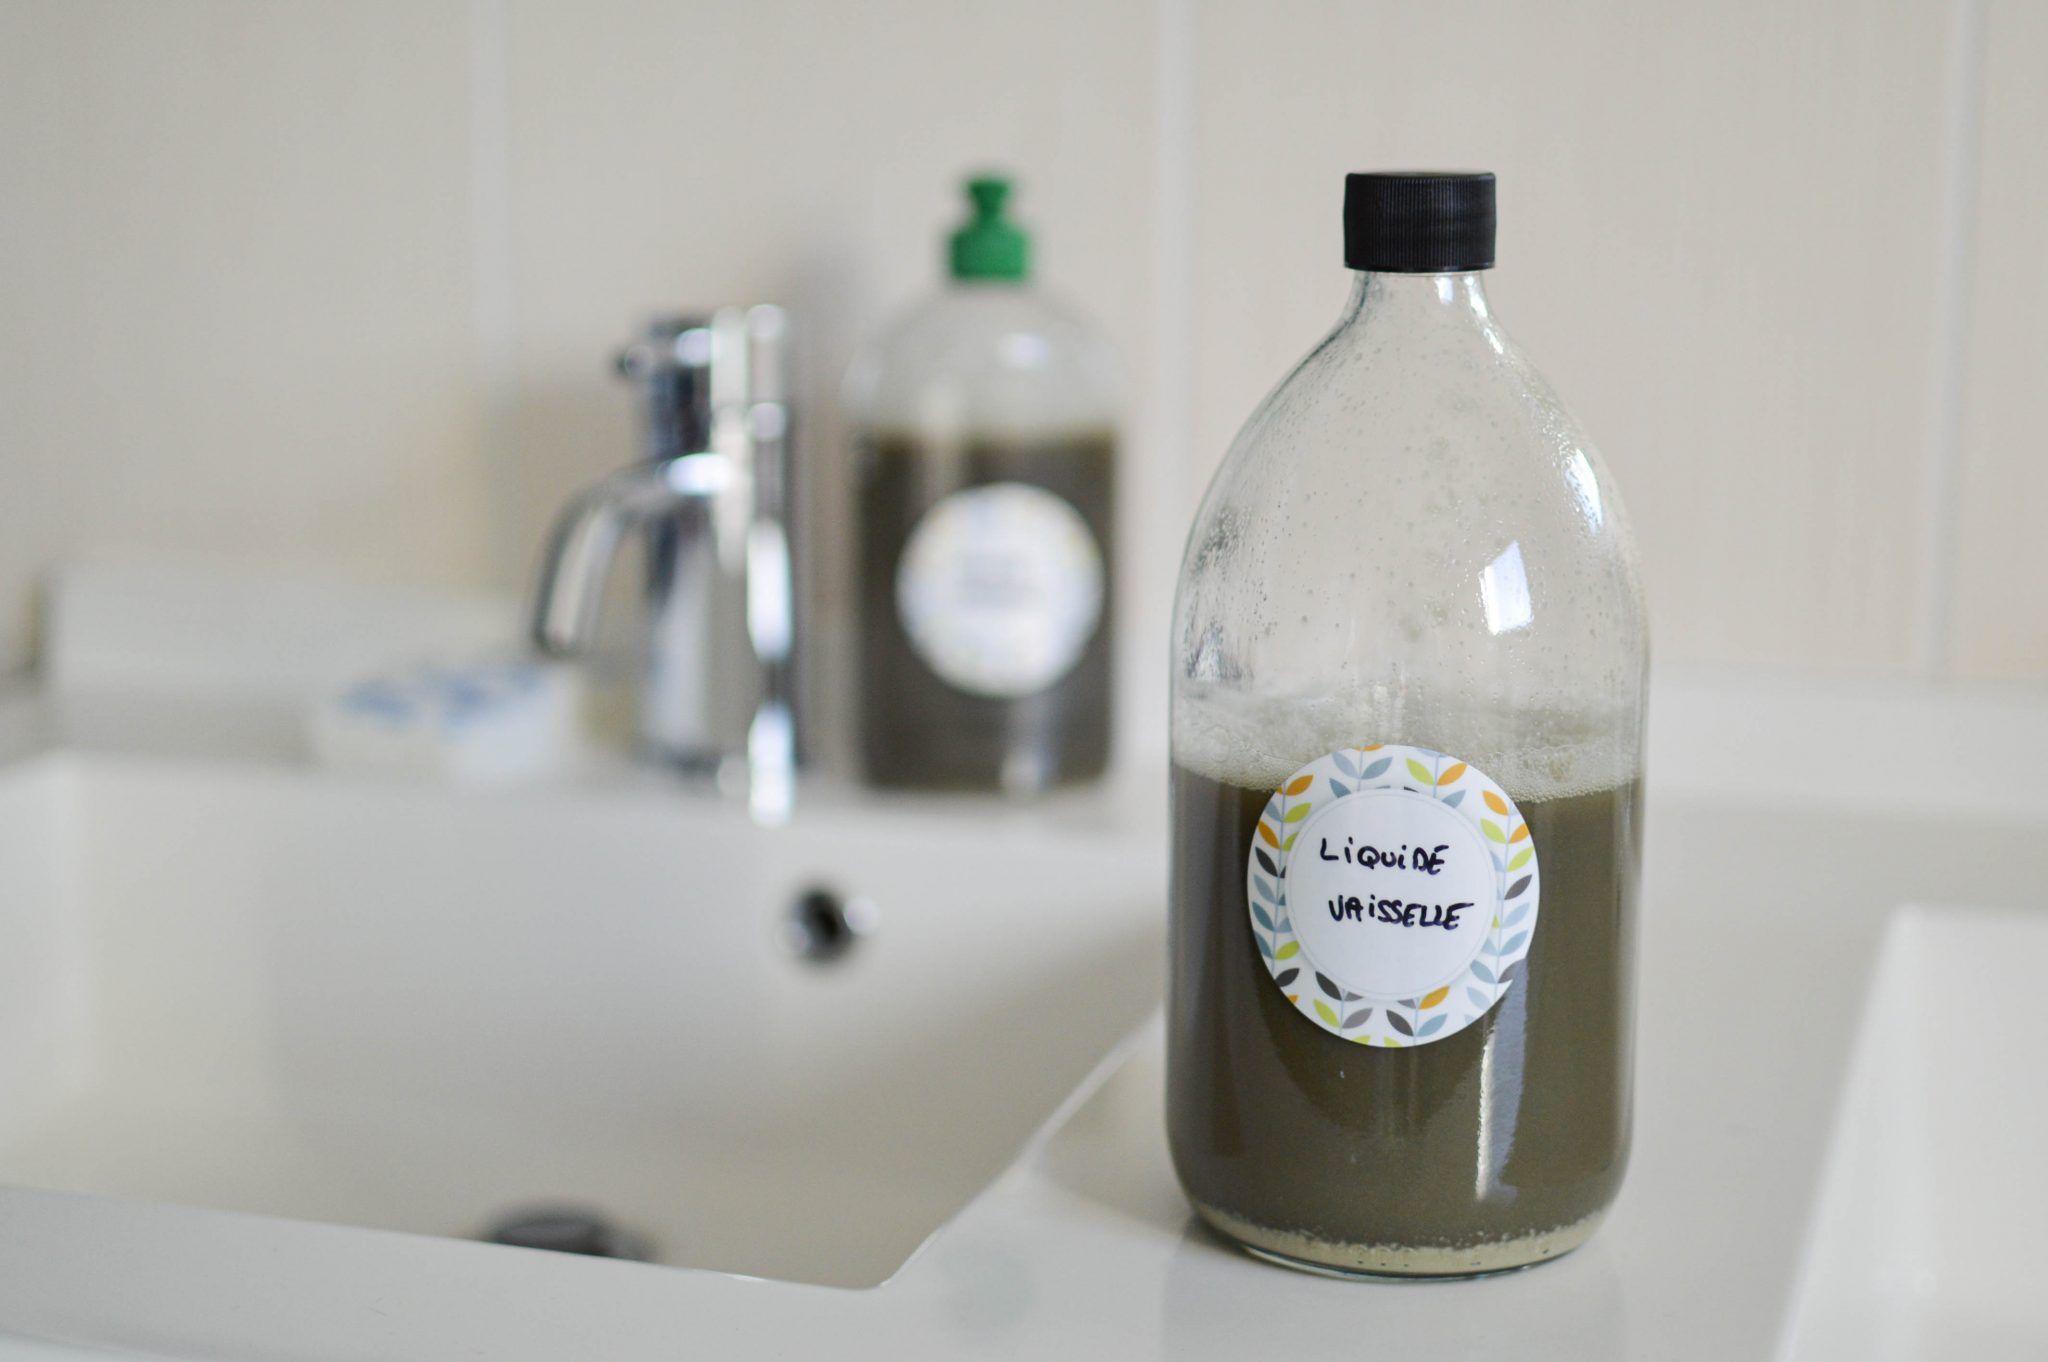 Comment Faire Son Produit Vaisselle Maison En 2020 Produit Vaisselle Maison Faire Son Liquide Vaisselle Produit Vaisselle